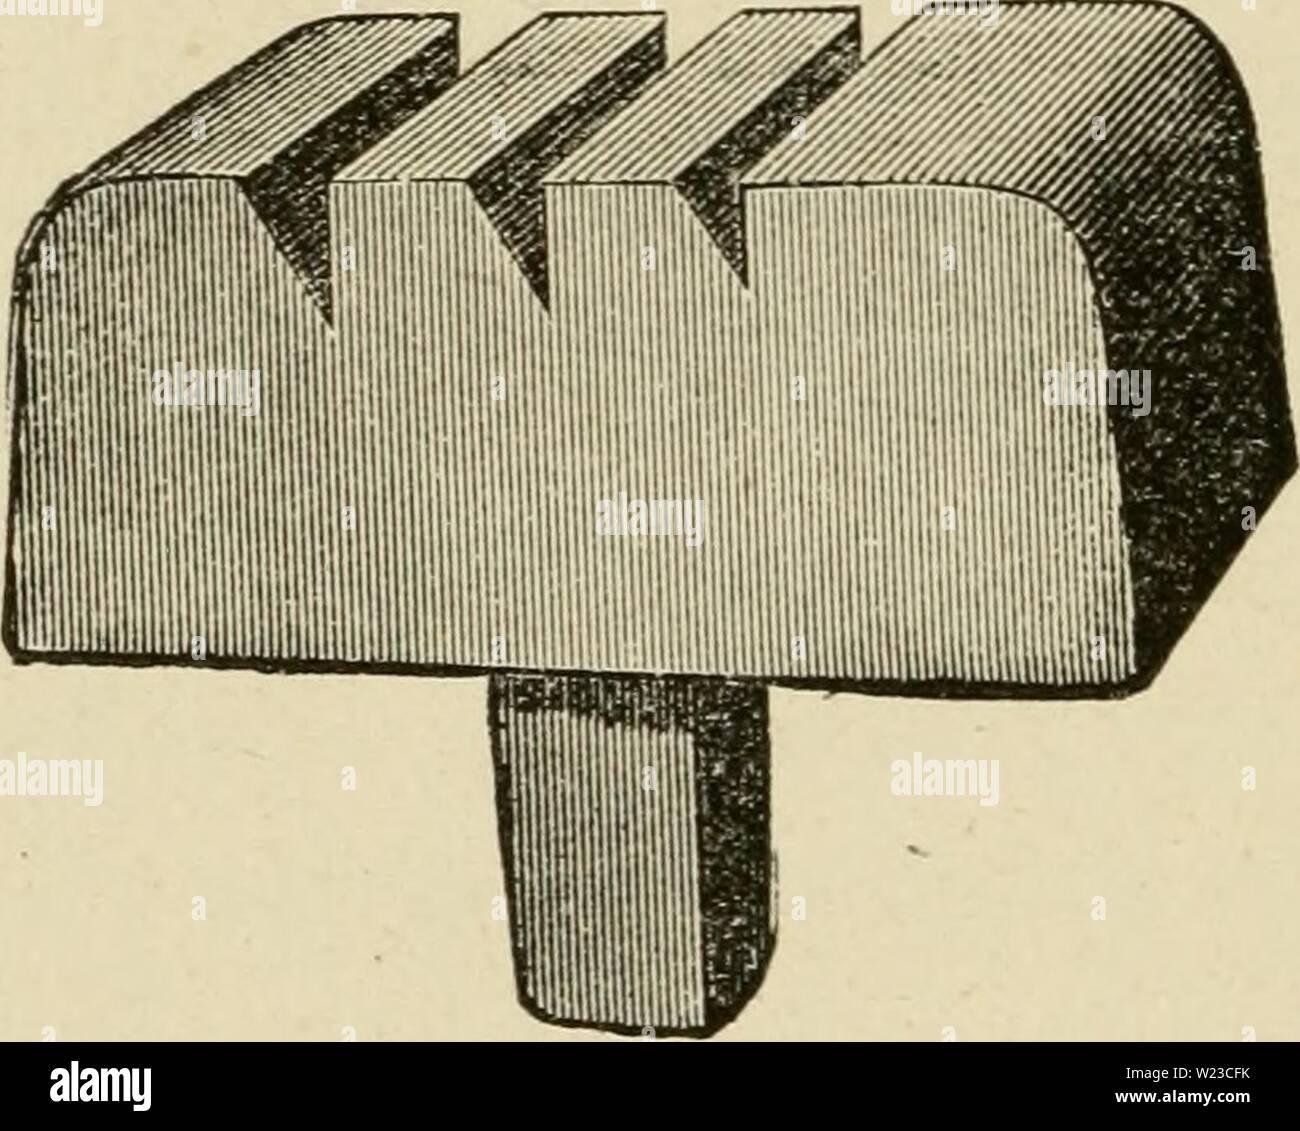 Archive image from page 153 of Das pferd  Ein buch. Das pferd ... Ein buch für das volk, enthaltend die praktischen erfahrungen nach jeder richtung hin, die ein hufschmied in siebenunddreissigjähriger thätigkeit gesammelt;  daspferdeinbuchf00pitc Year: 1880  liiiiiiiiiiiiiiiiiiiii yio. 1, 3, 3, 4, 5. fo- 0, 1, 3, 3, 4. 11 tften nerpacft 511 ie 25 vr'nub.    Stcmjjcl um StttJCtfecn f(arfcr Sicn. SK?ir finb ietit im Stanbe, itt 23erbinbunc; mit uniercii befannten ein',ingi gen et)ipil3en and] yoeiingige iiacf) obigem 93hi[ter u offeriren. '4iefe pit3en eignen fid) ooqiiglid) fiir bie mit Jiafcti Stock Photo